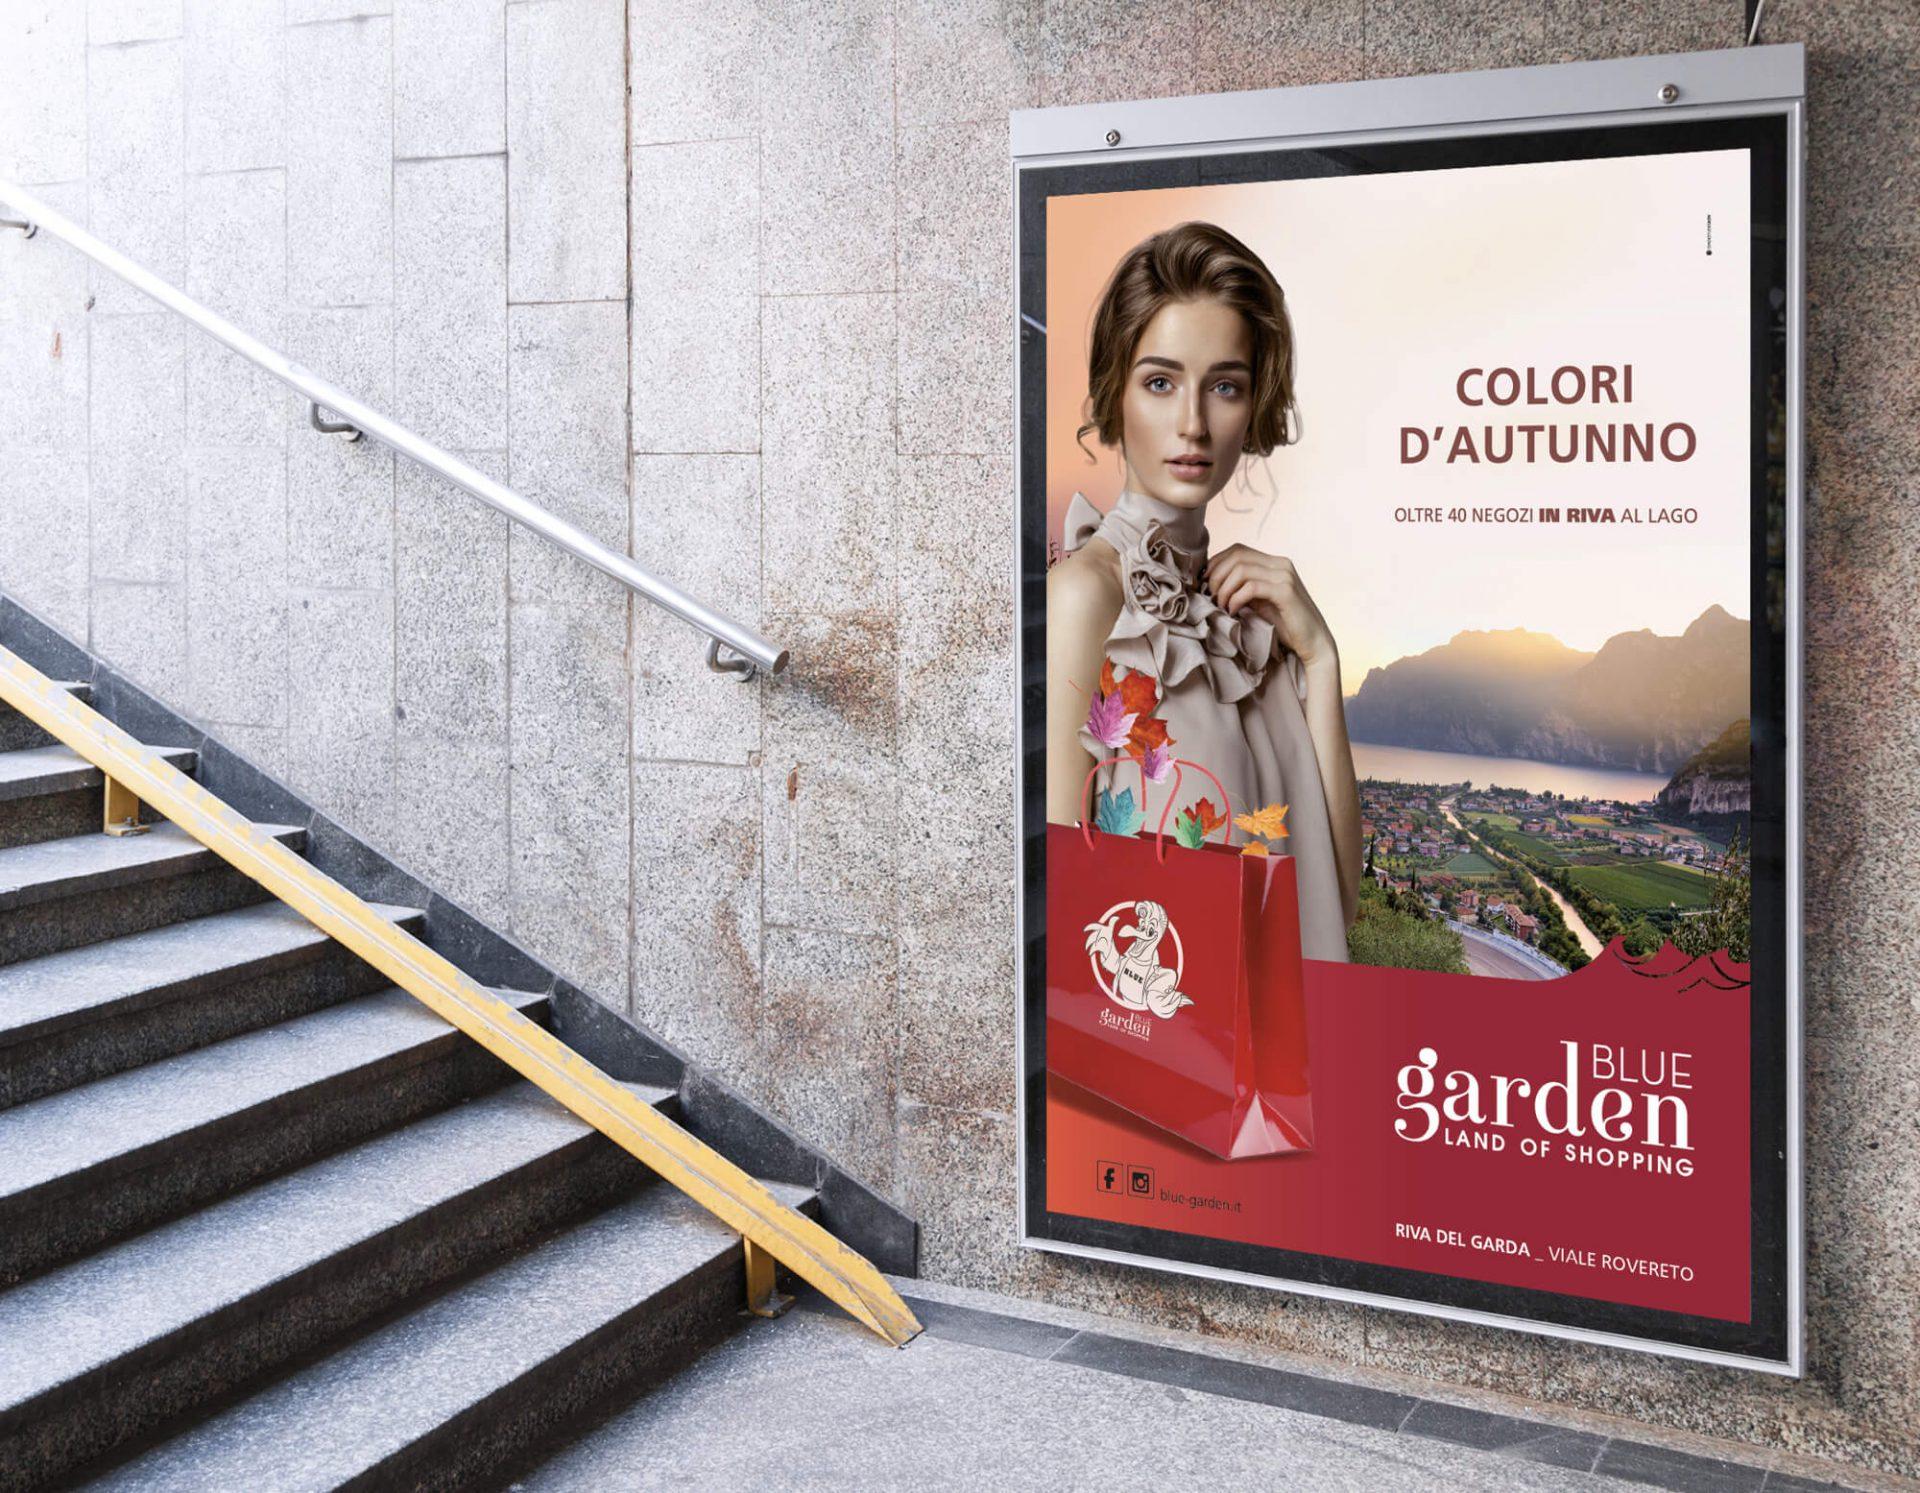 centro commerciale blue garden, poster per la campagna autunno inverno ideato dalla agenzia di comunicazione diade arco trento